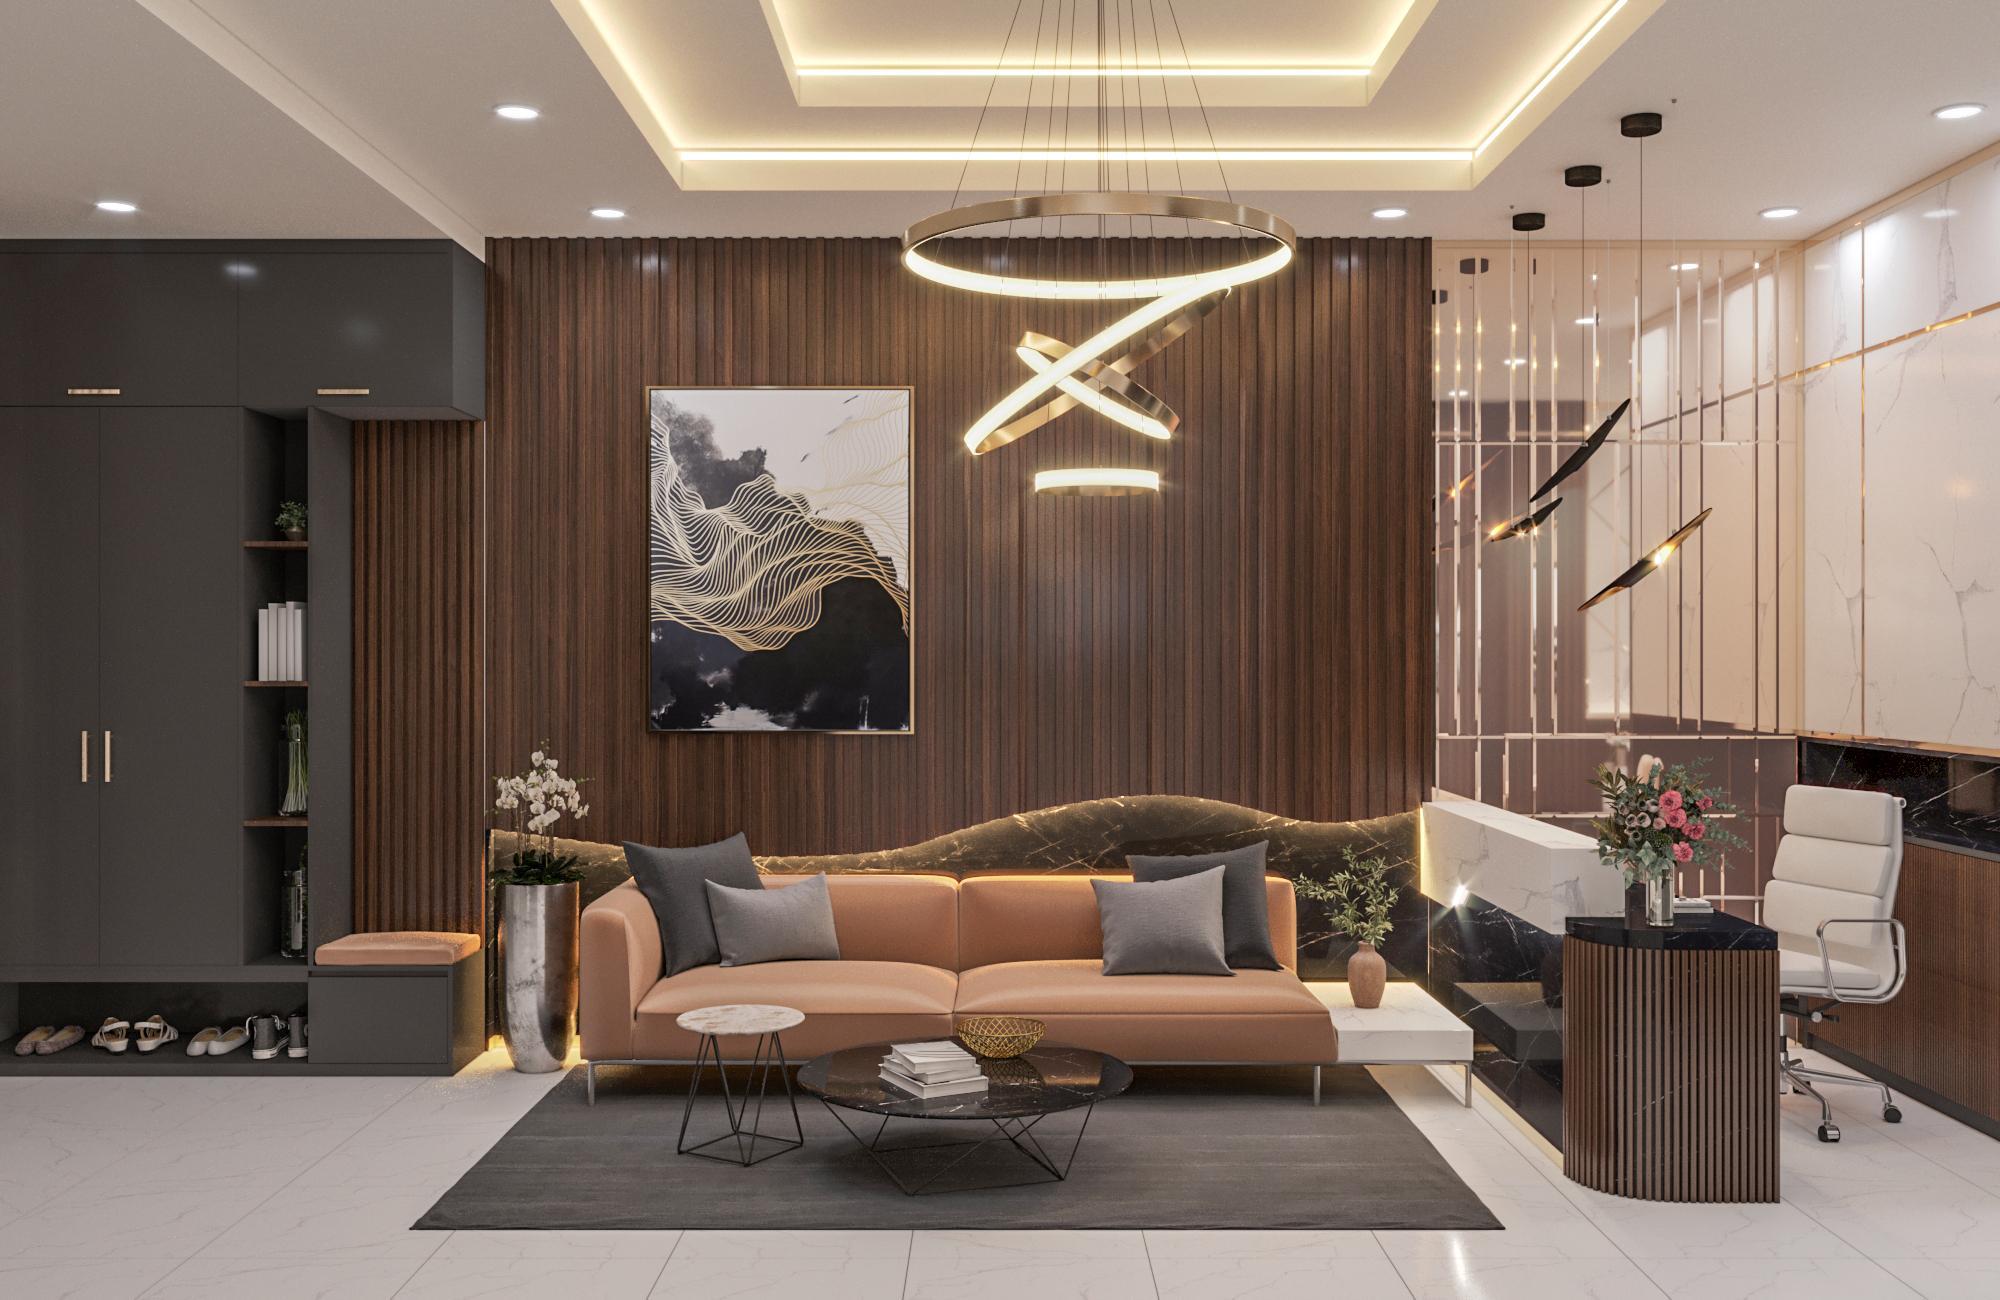 Thiết kế nội thất chung cư phong cách Mỹ